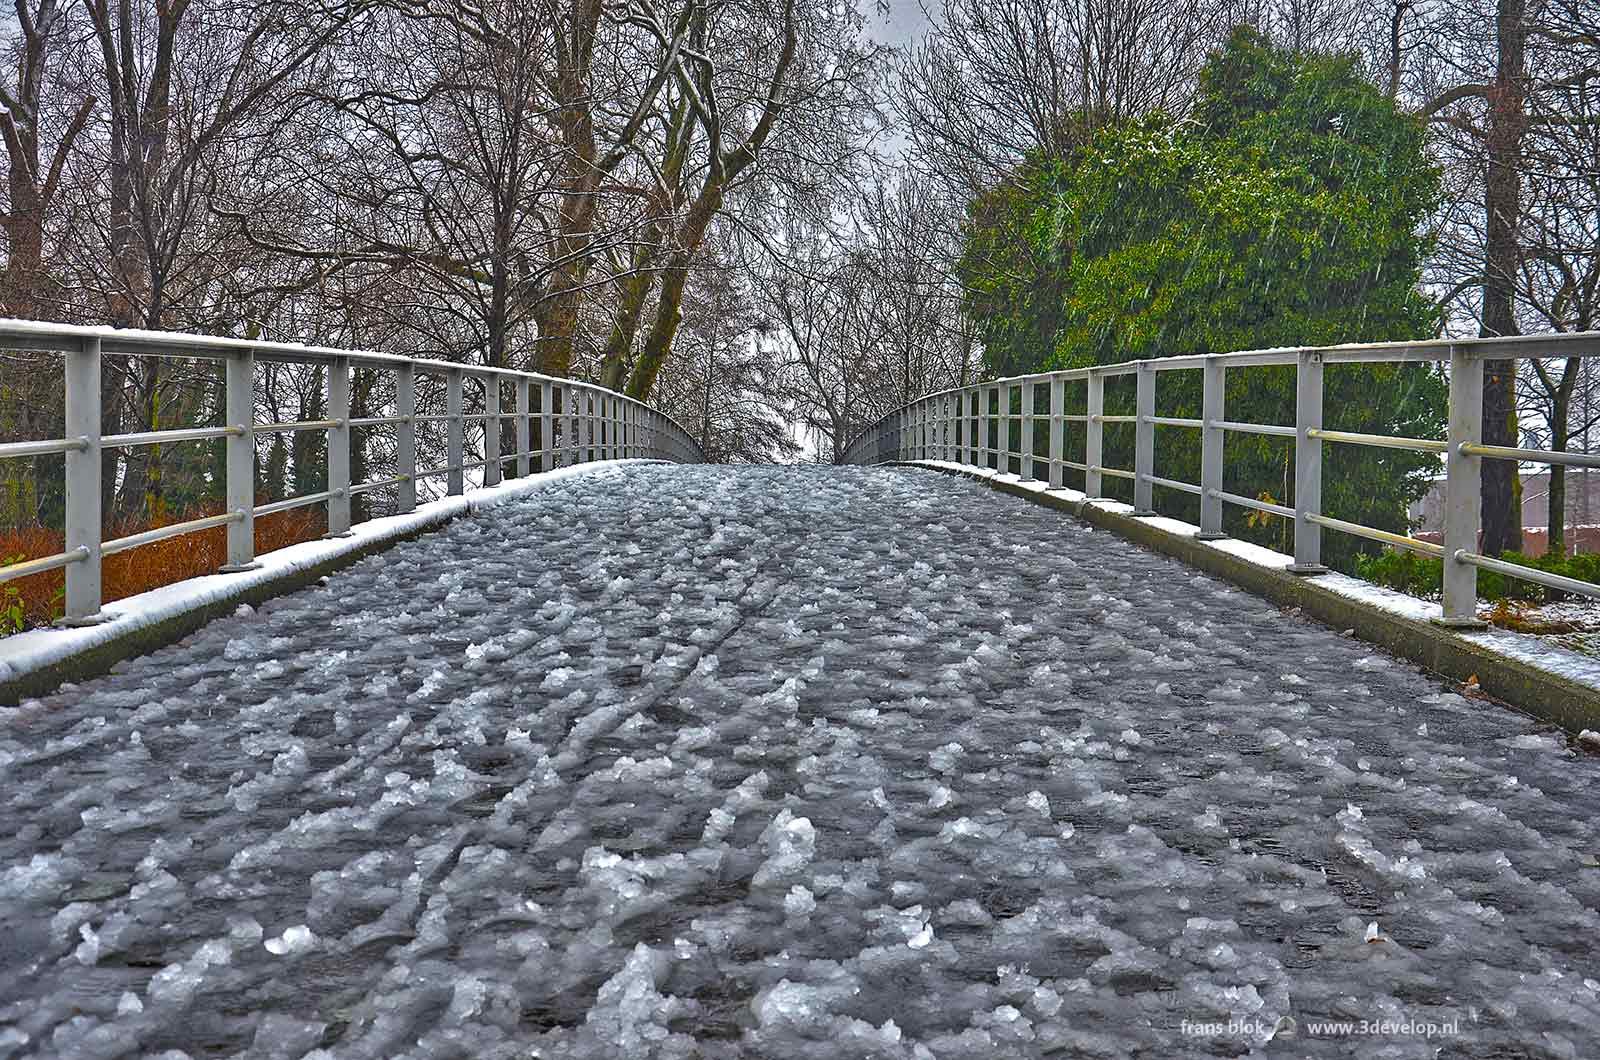 De brug in het Museumpark bij de Kunsthal in Rotterdam op een winterdag met half gesmolten en weer opgevroren sneeuw